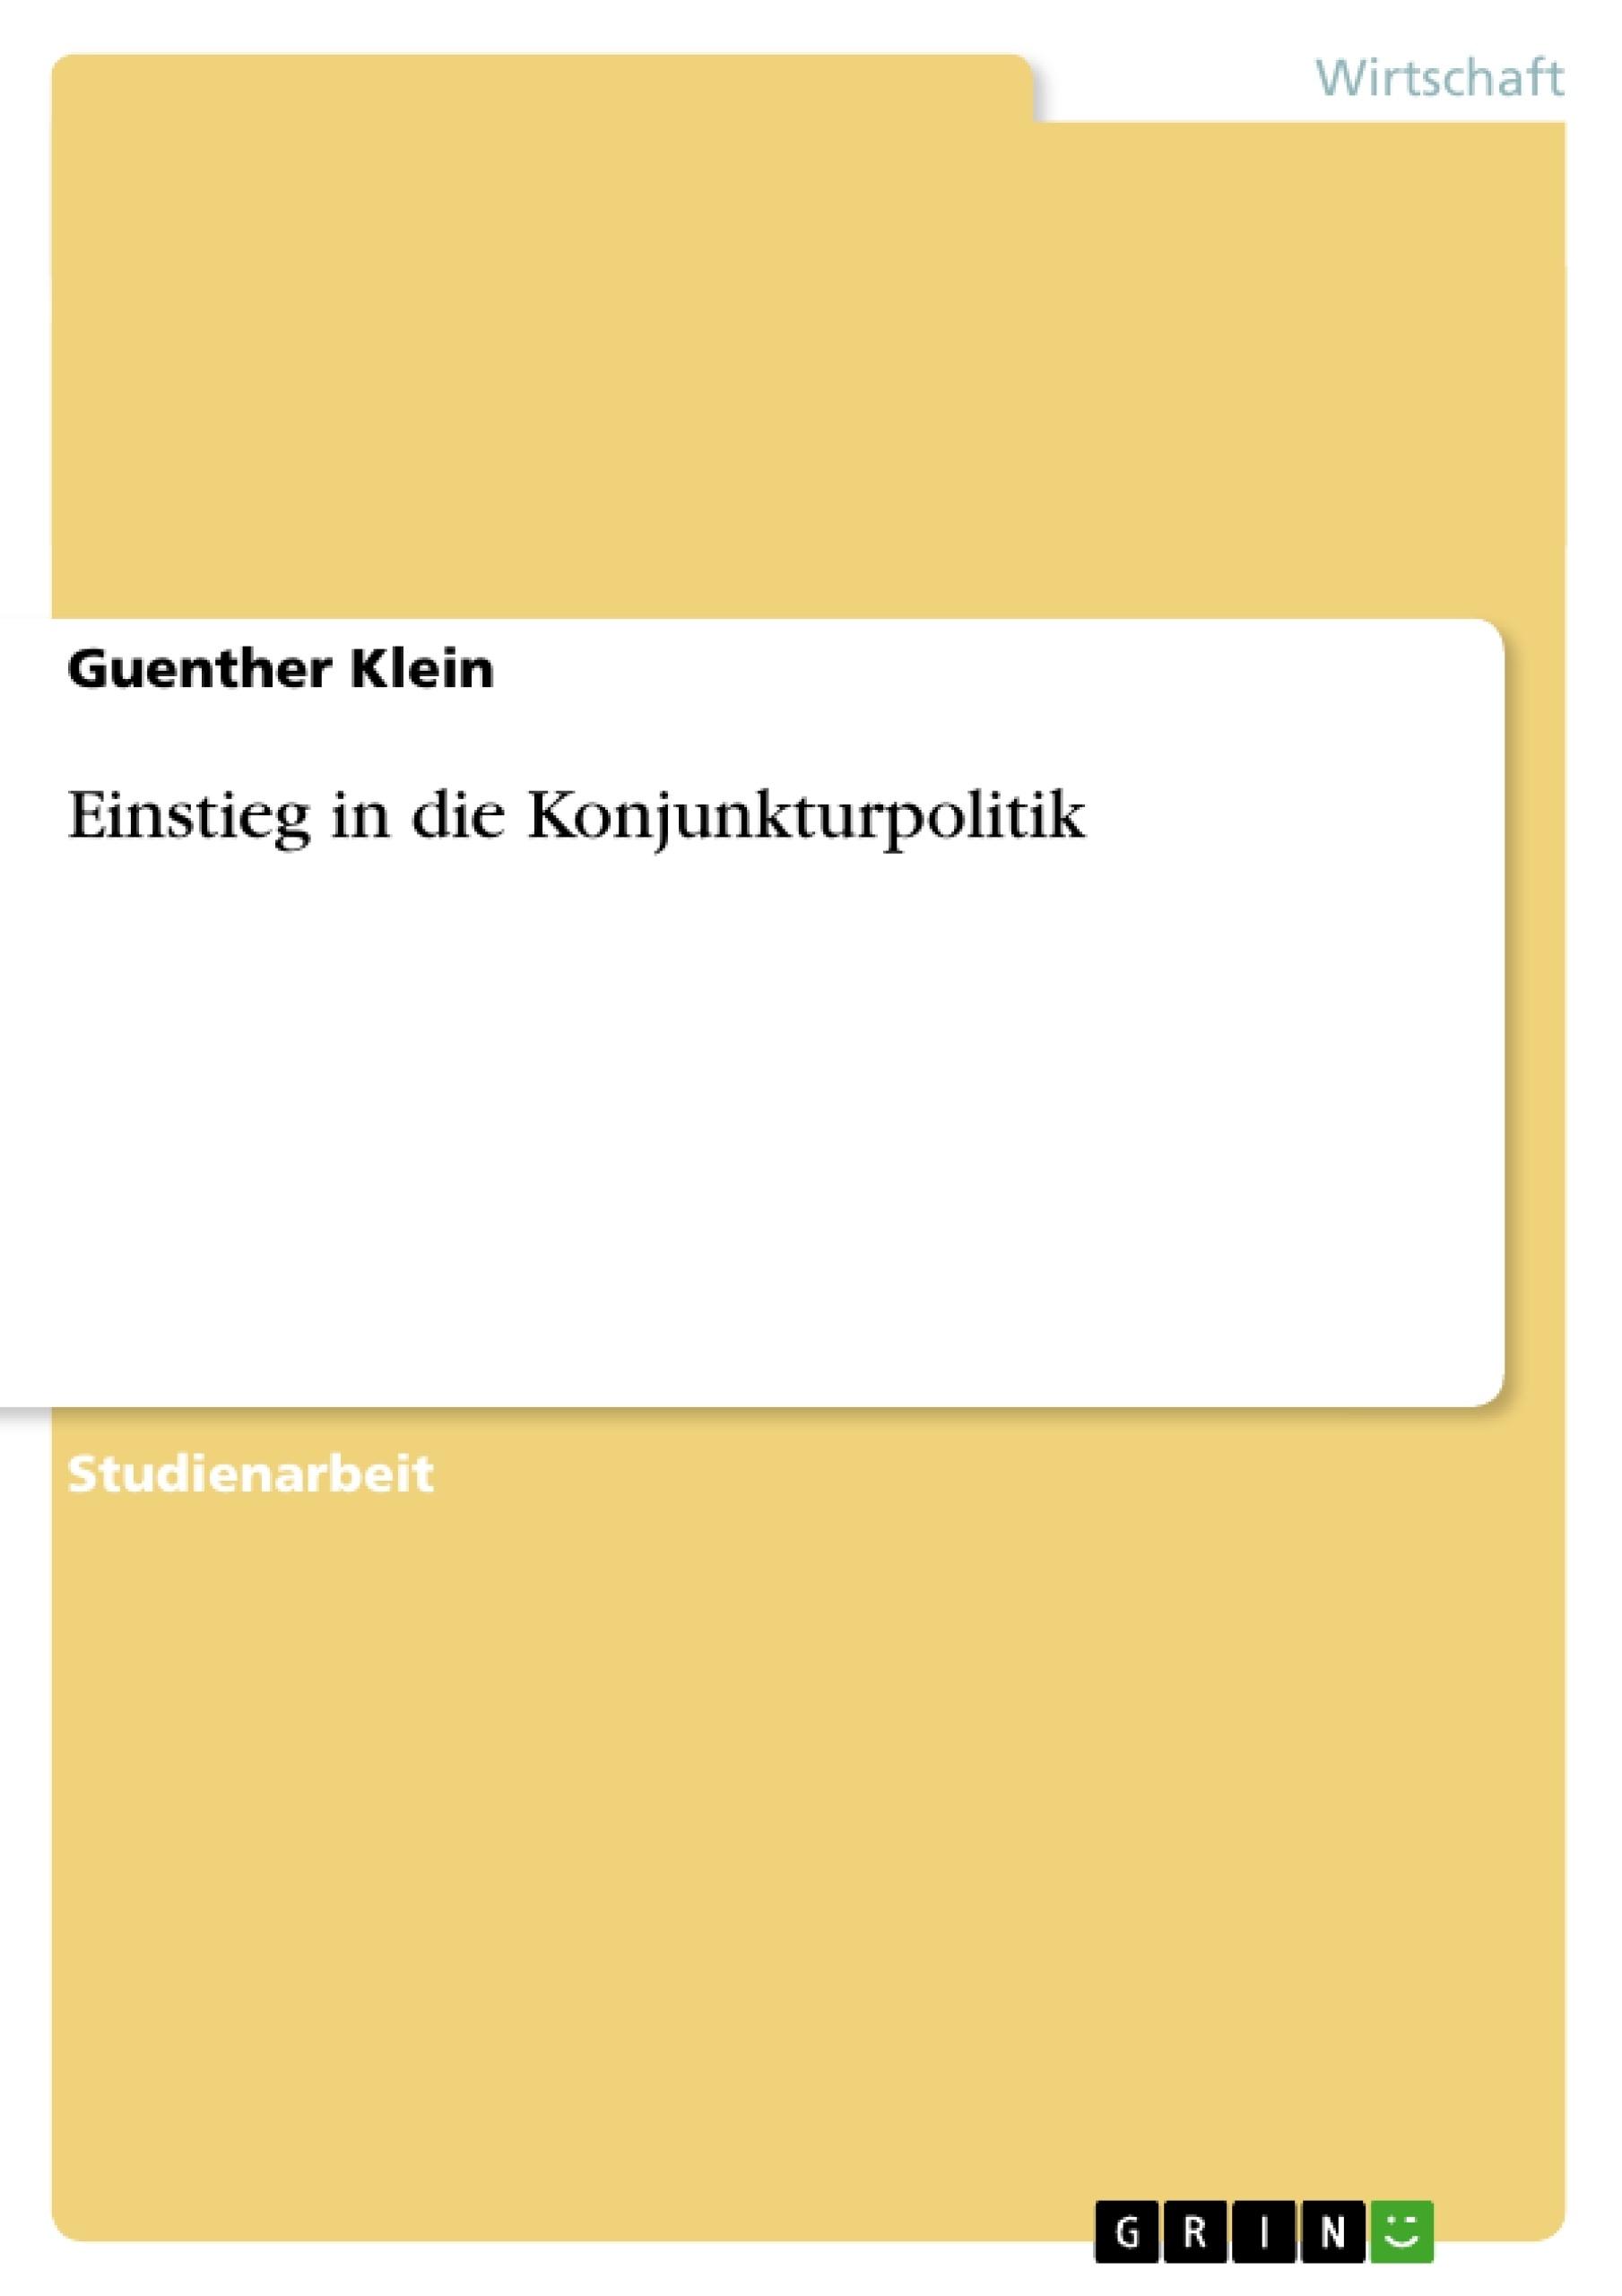 Titel: Einstieg in die Konjunkturpolitik